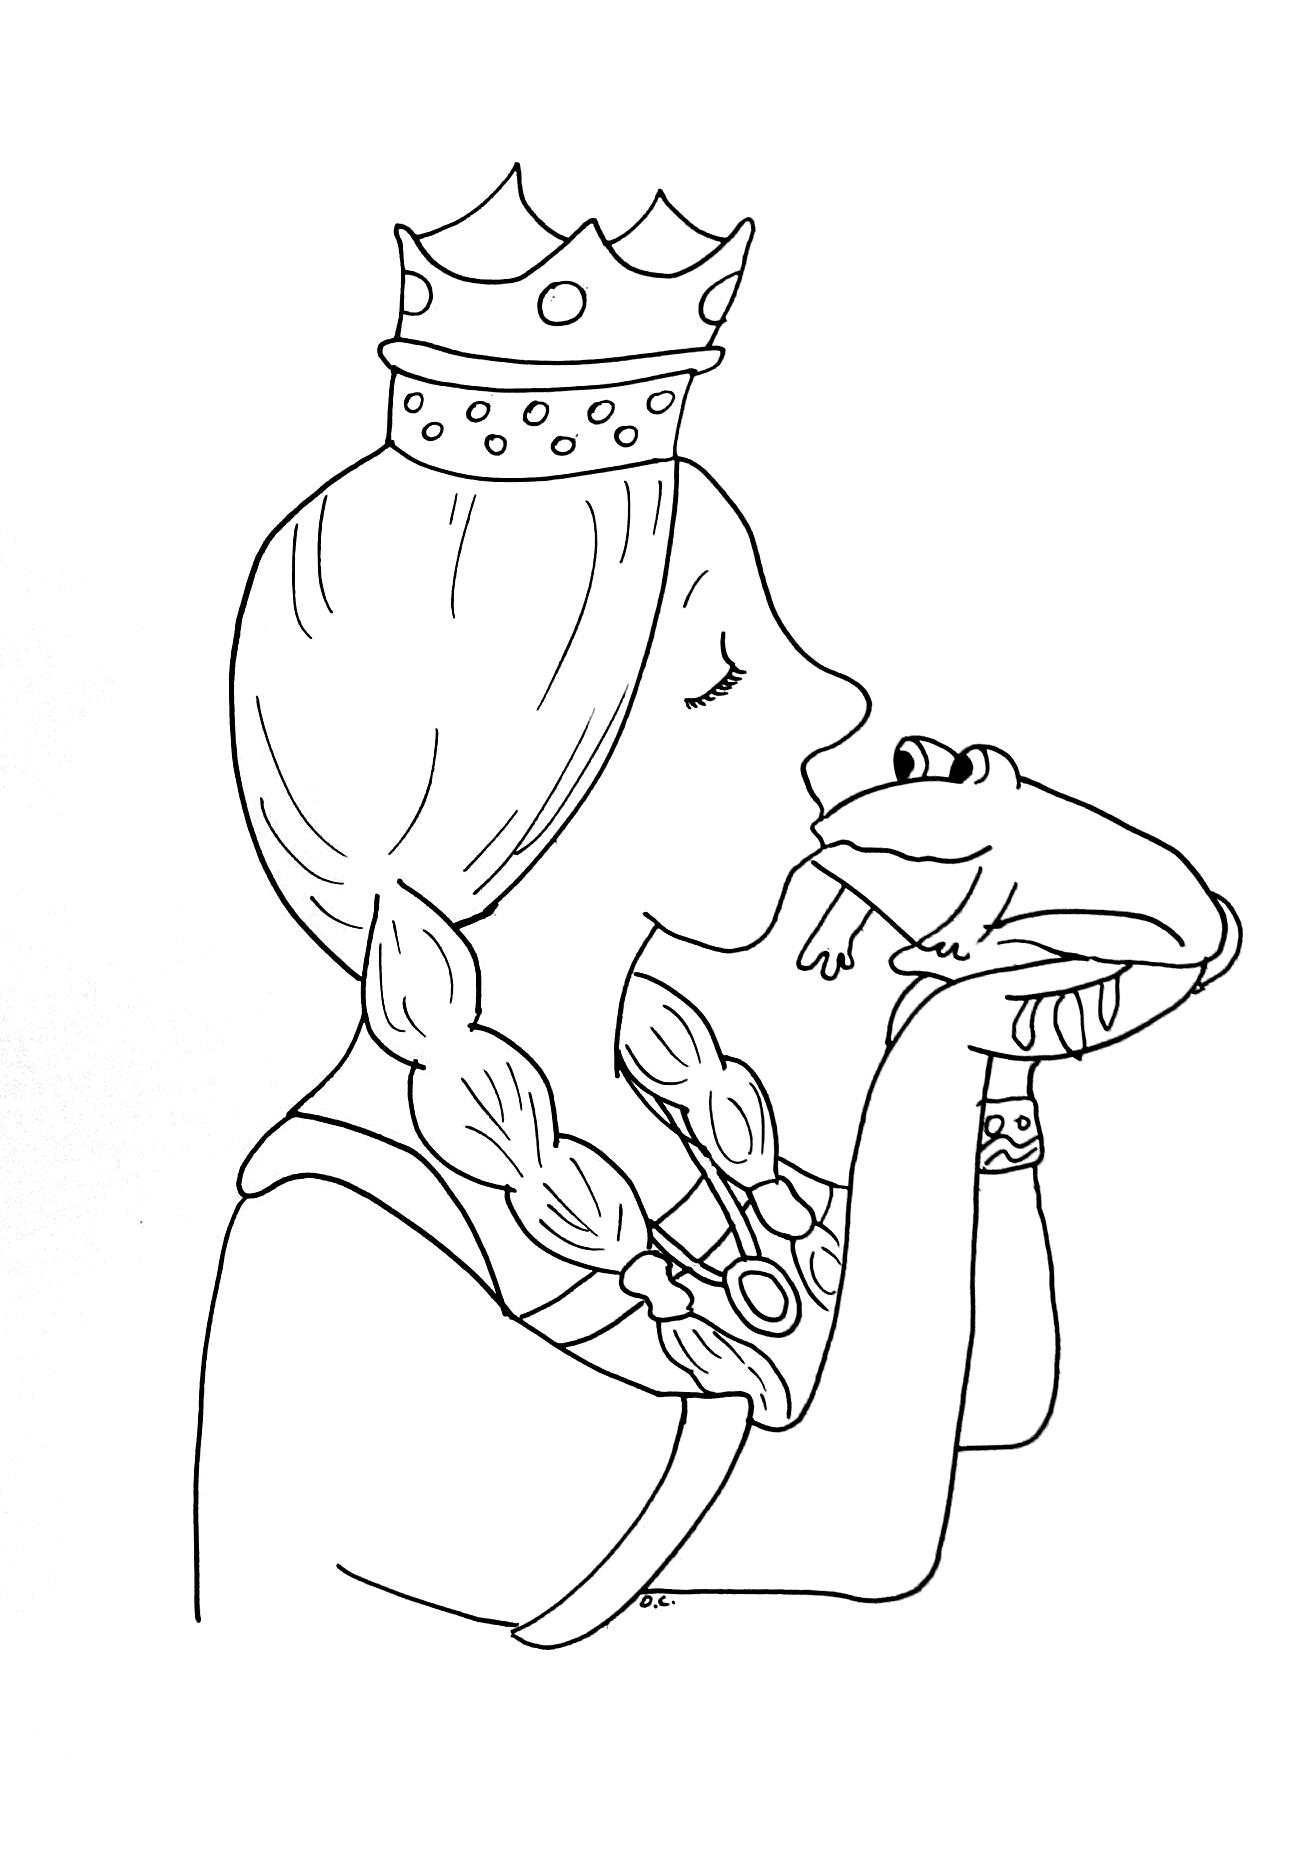 Princesse grenouille coloriage contes classiques - Dessin de bisous ...